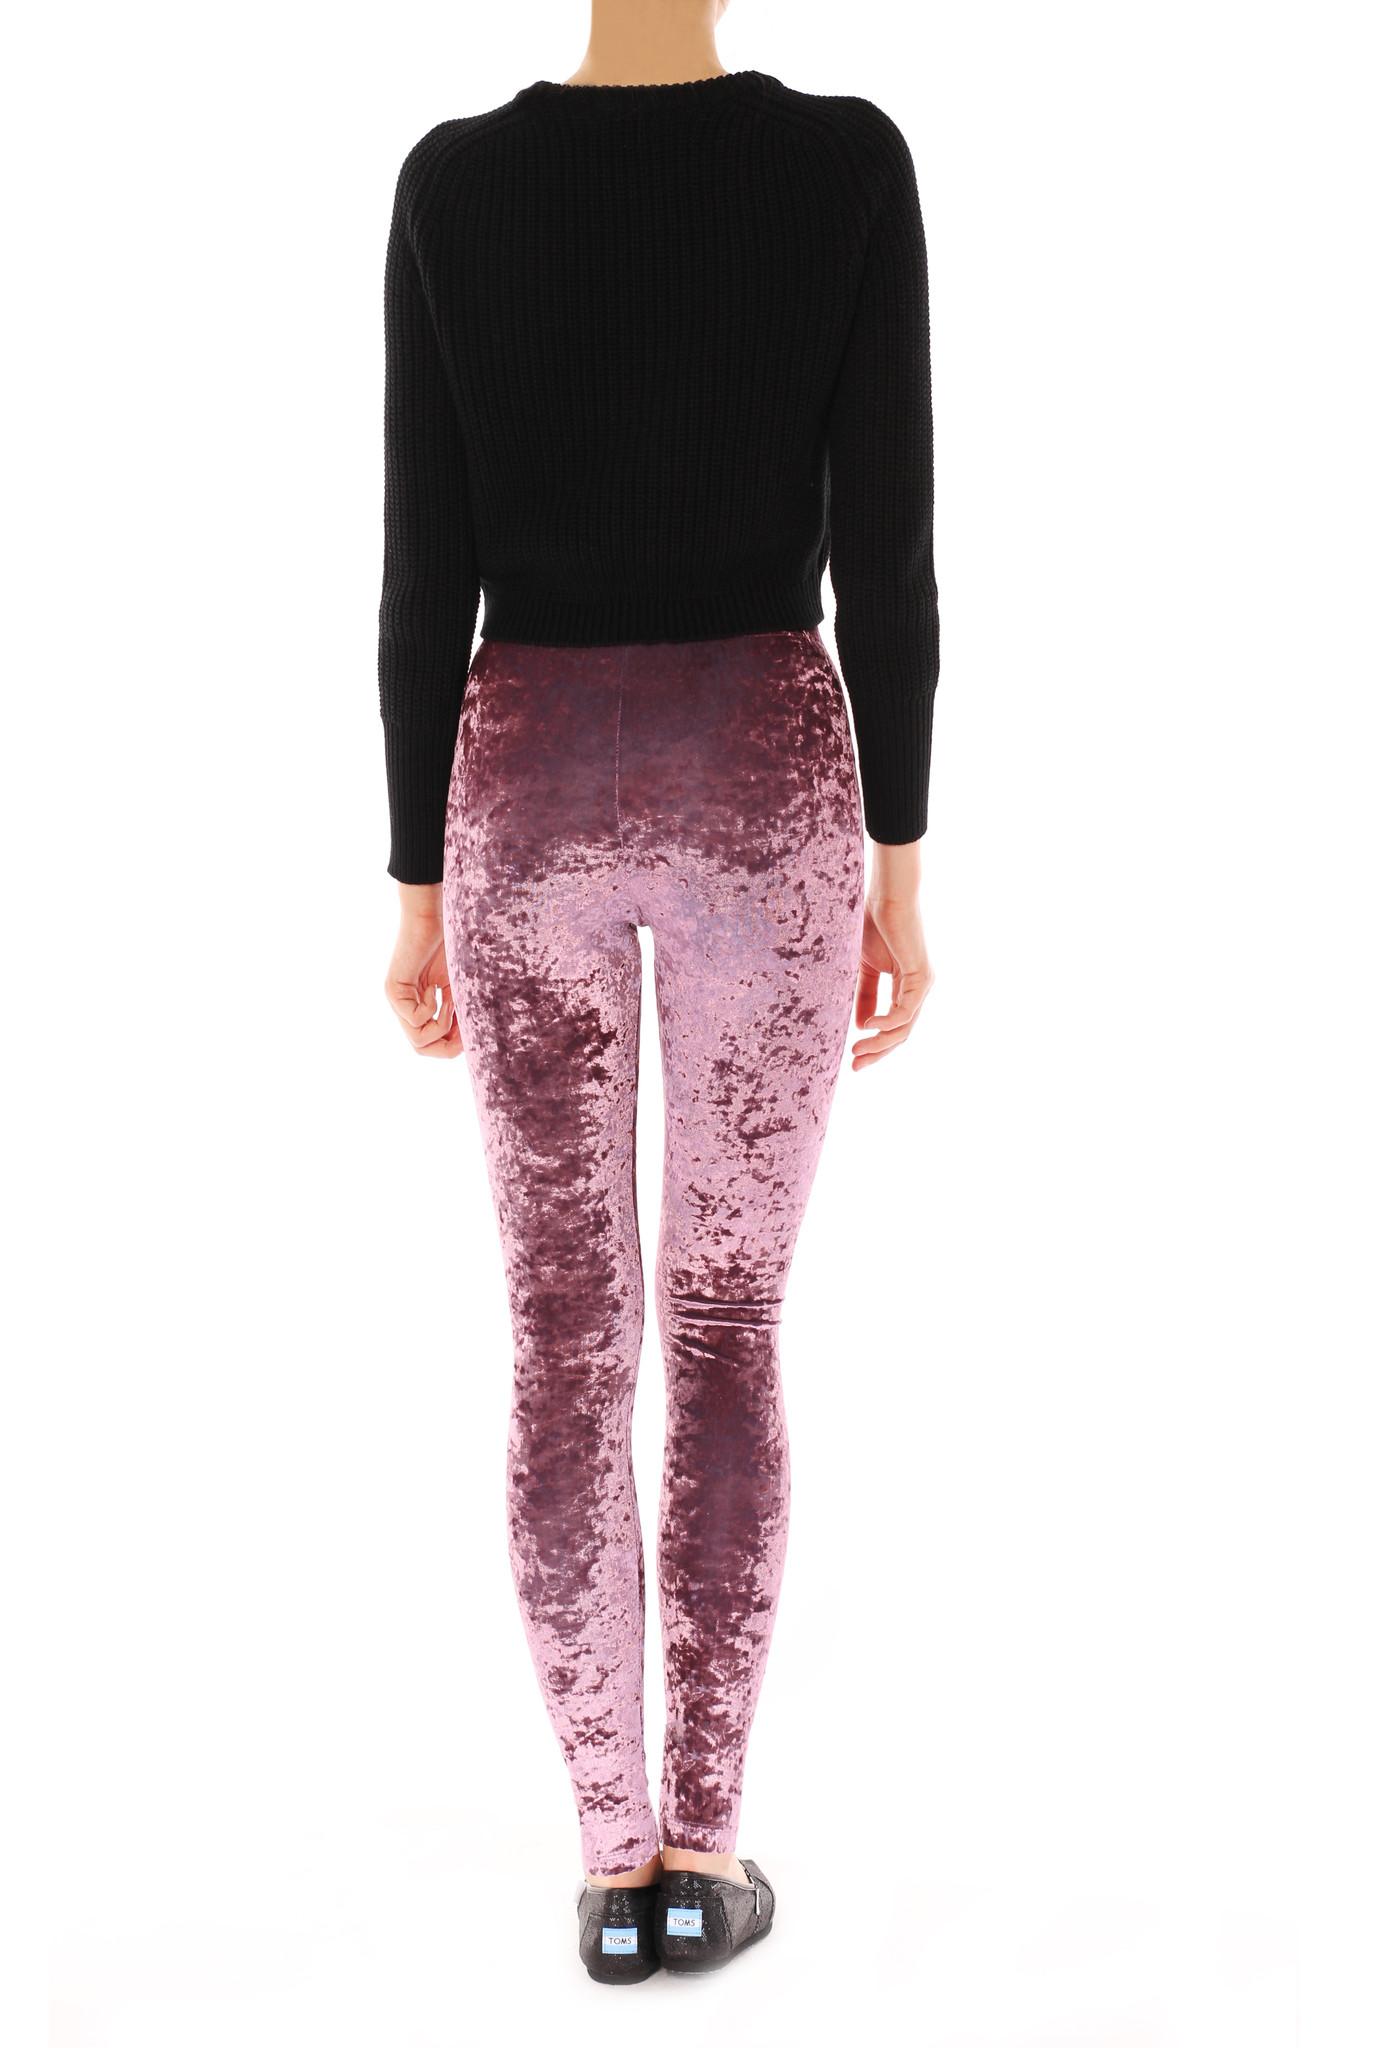 Crushed lavender velvet leggings